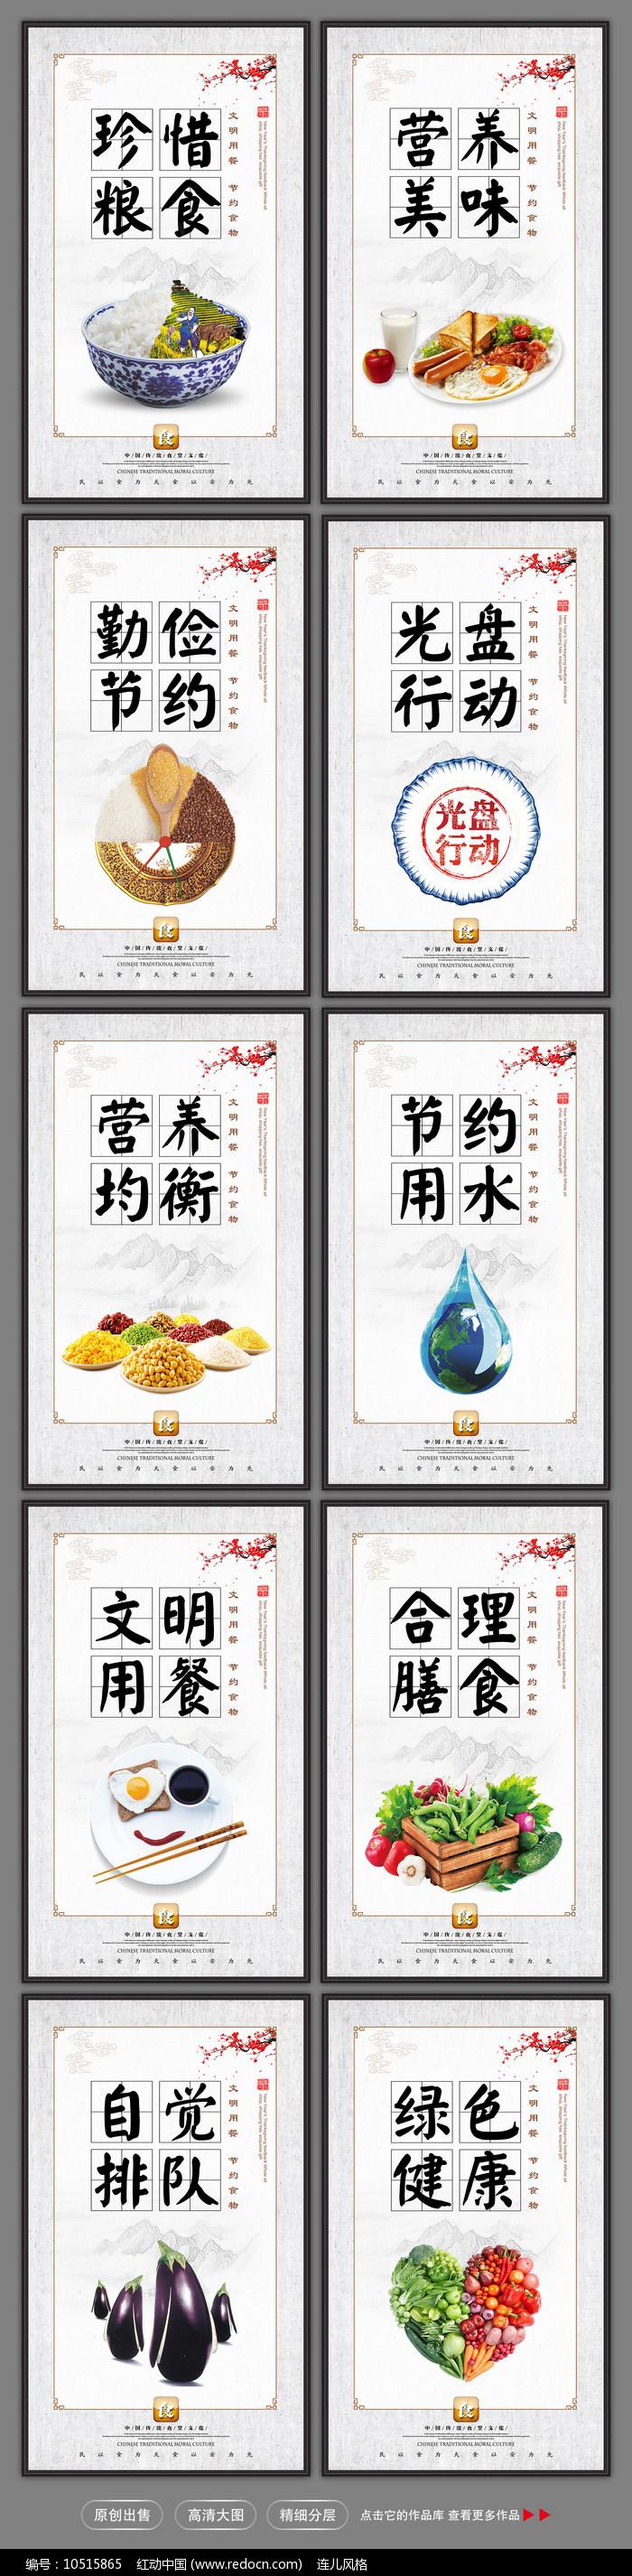 中国风校园食堂文化展板图片